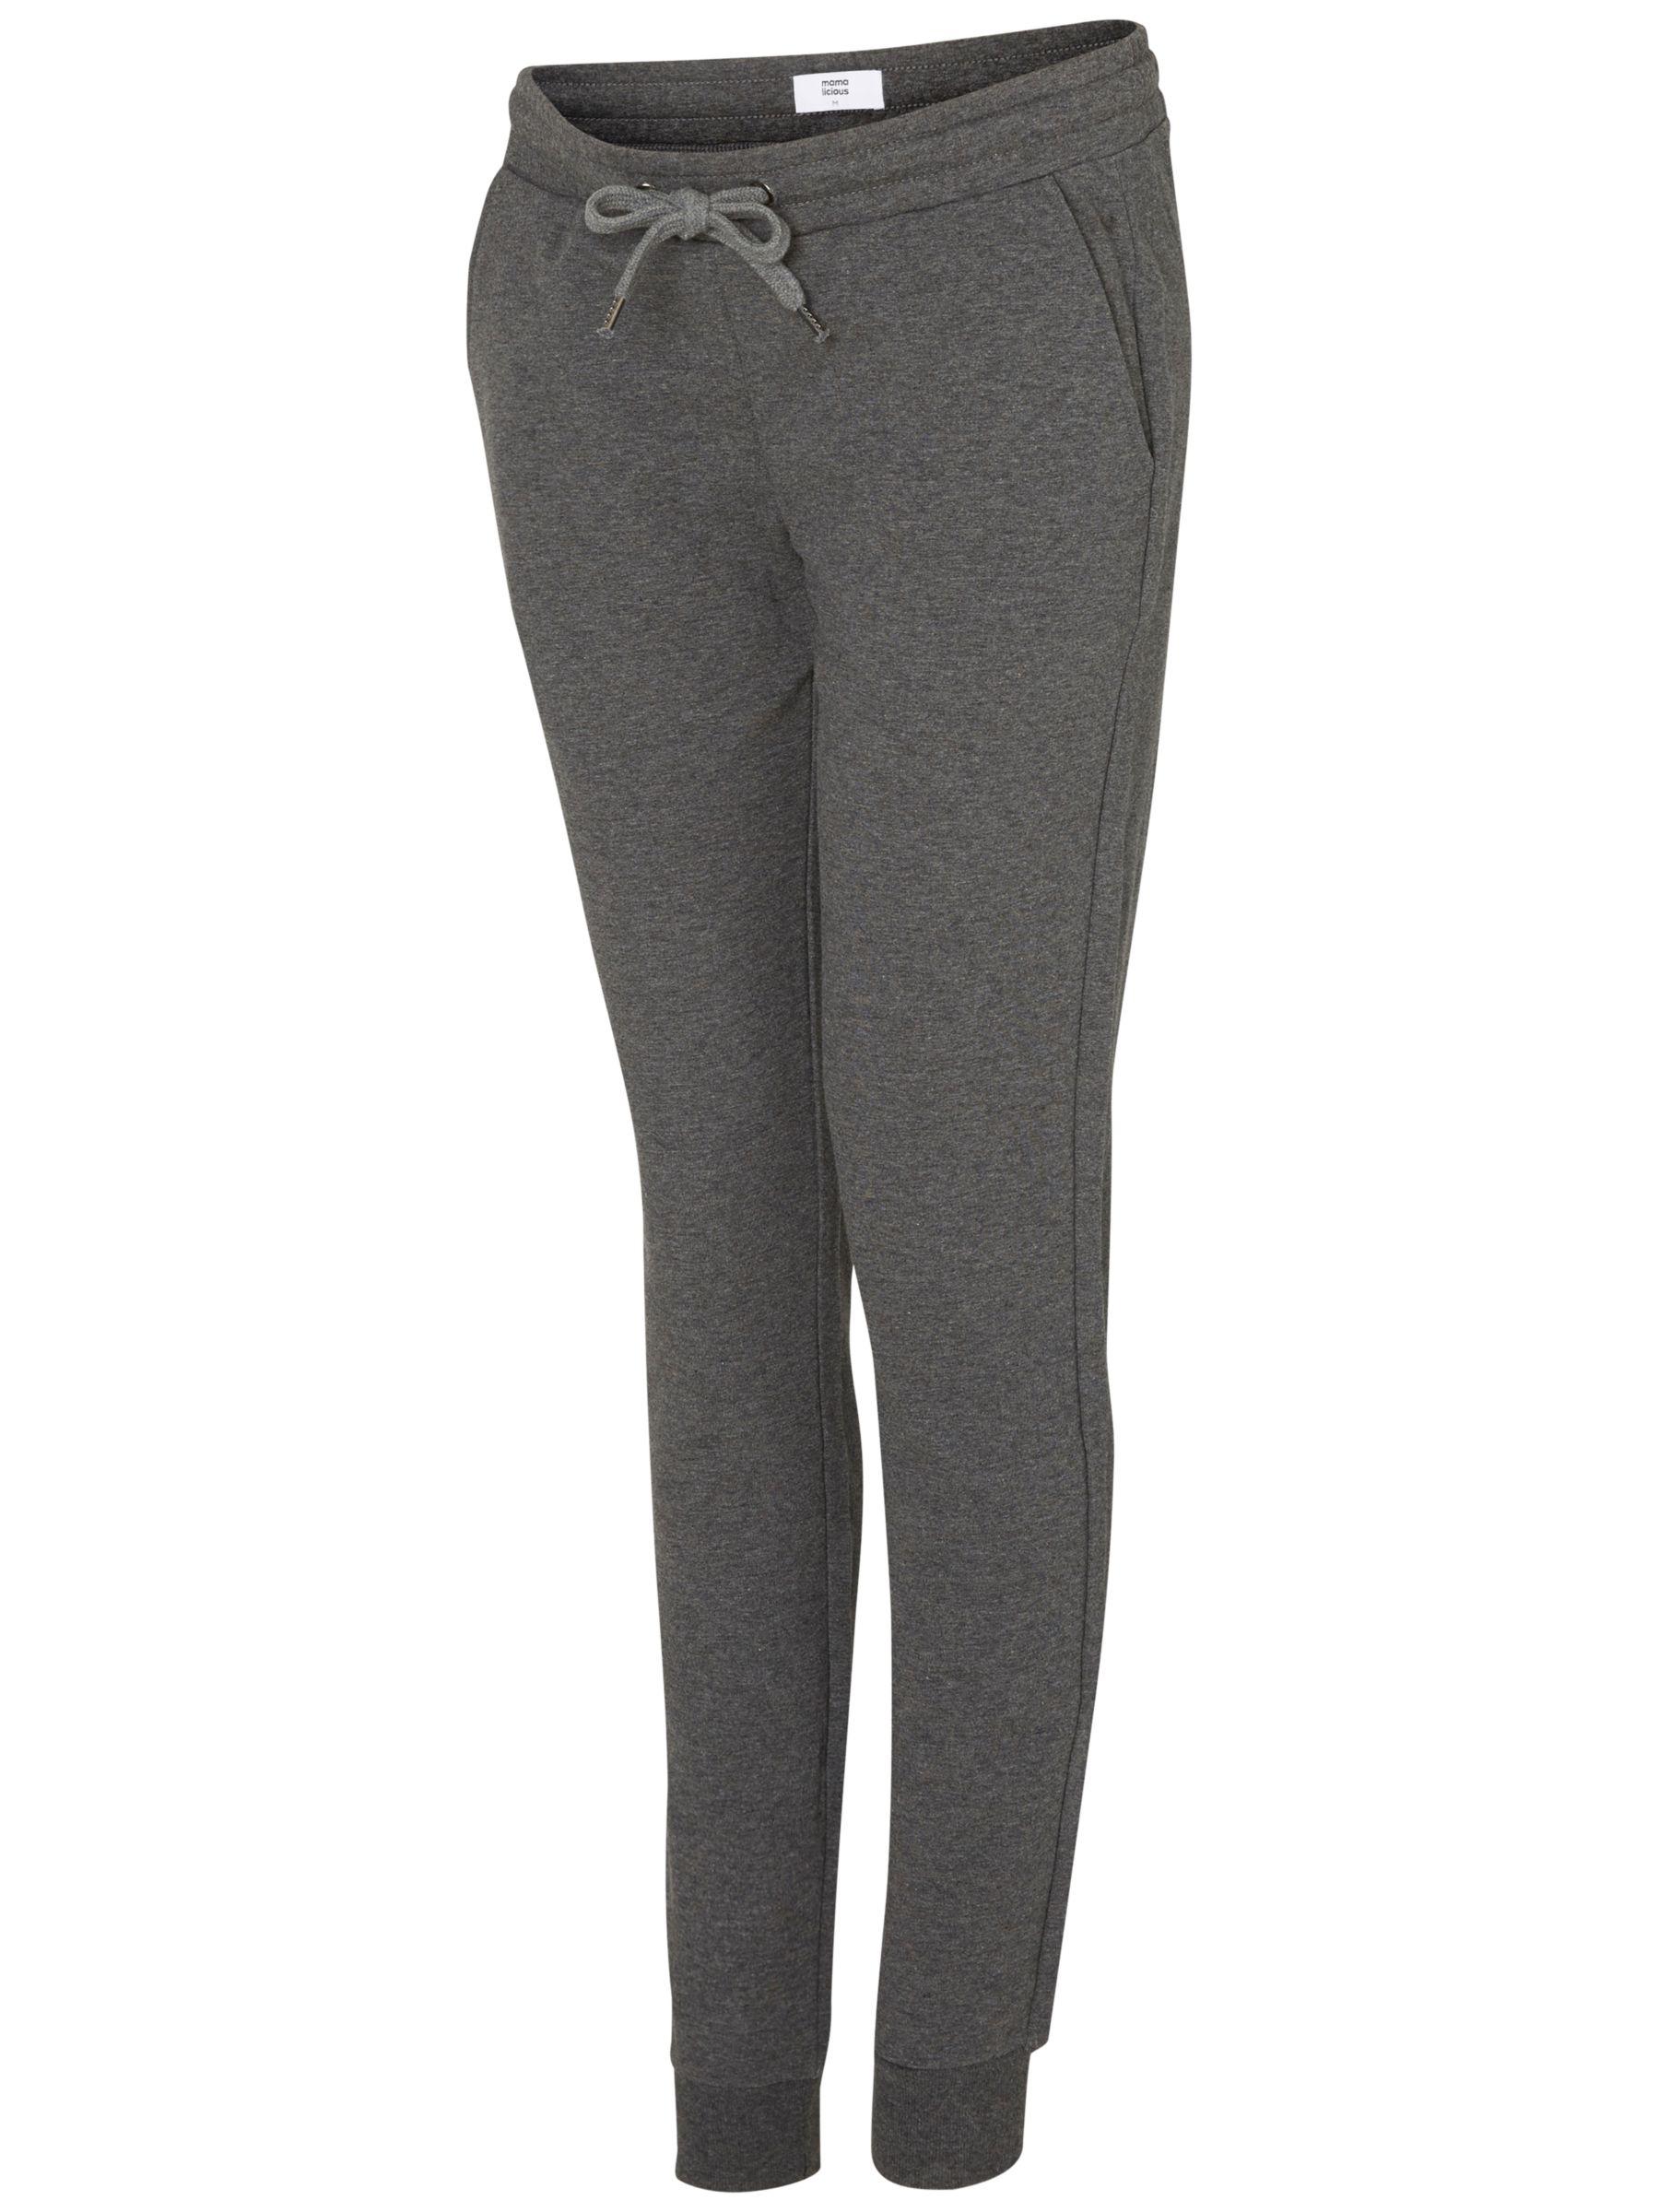 Mamalicious Mamalicious Sammy Jersey Maternity Trousers, Grey Melange